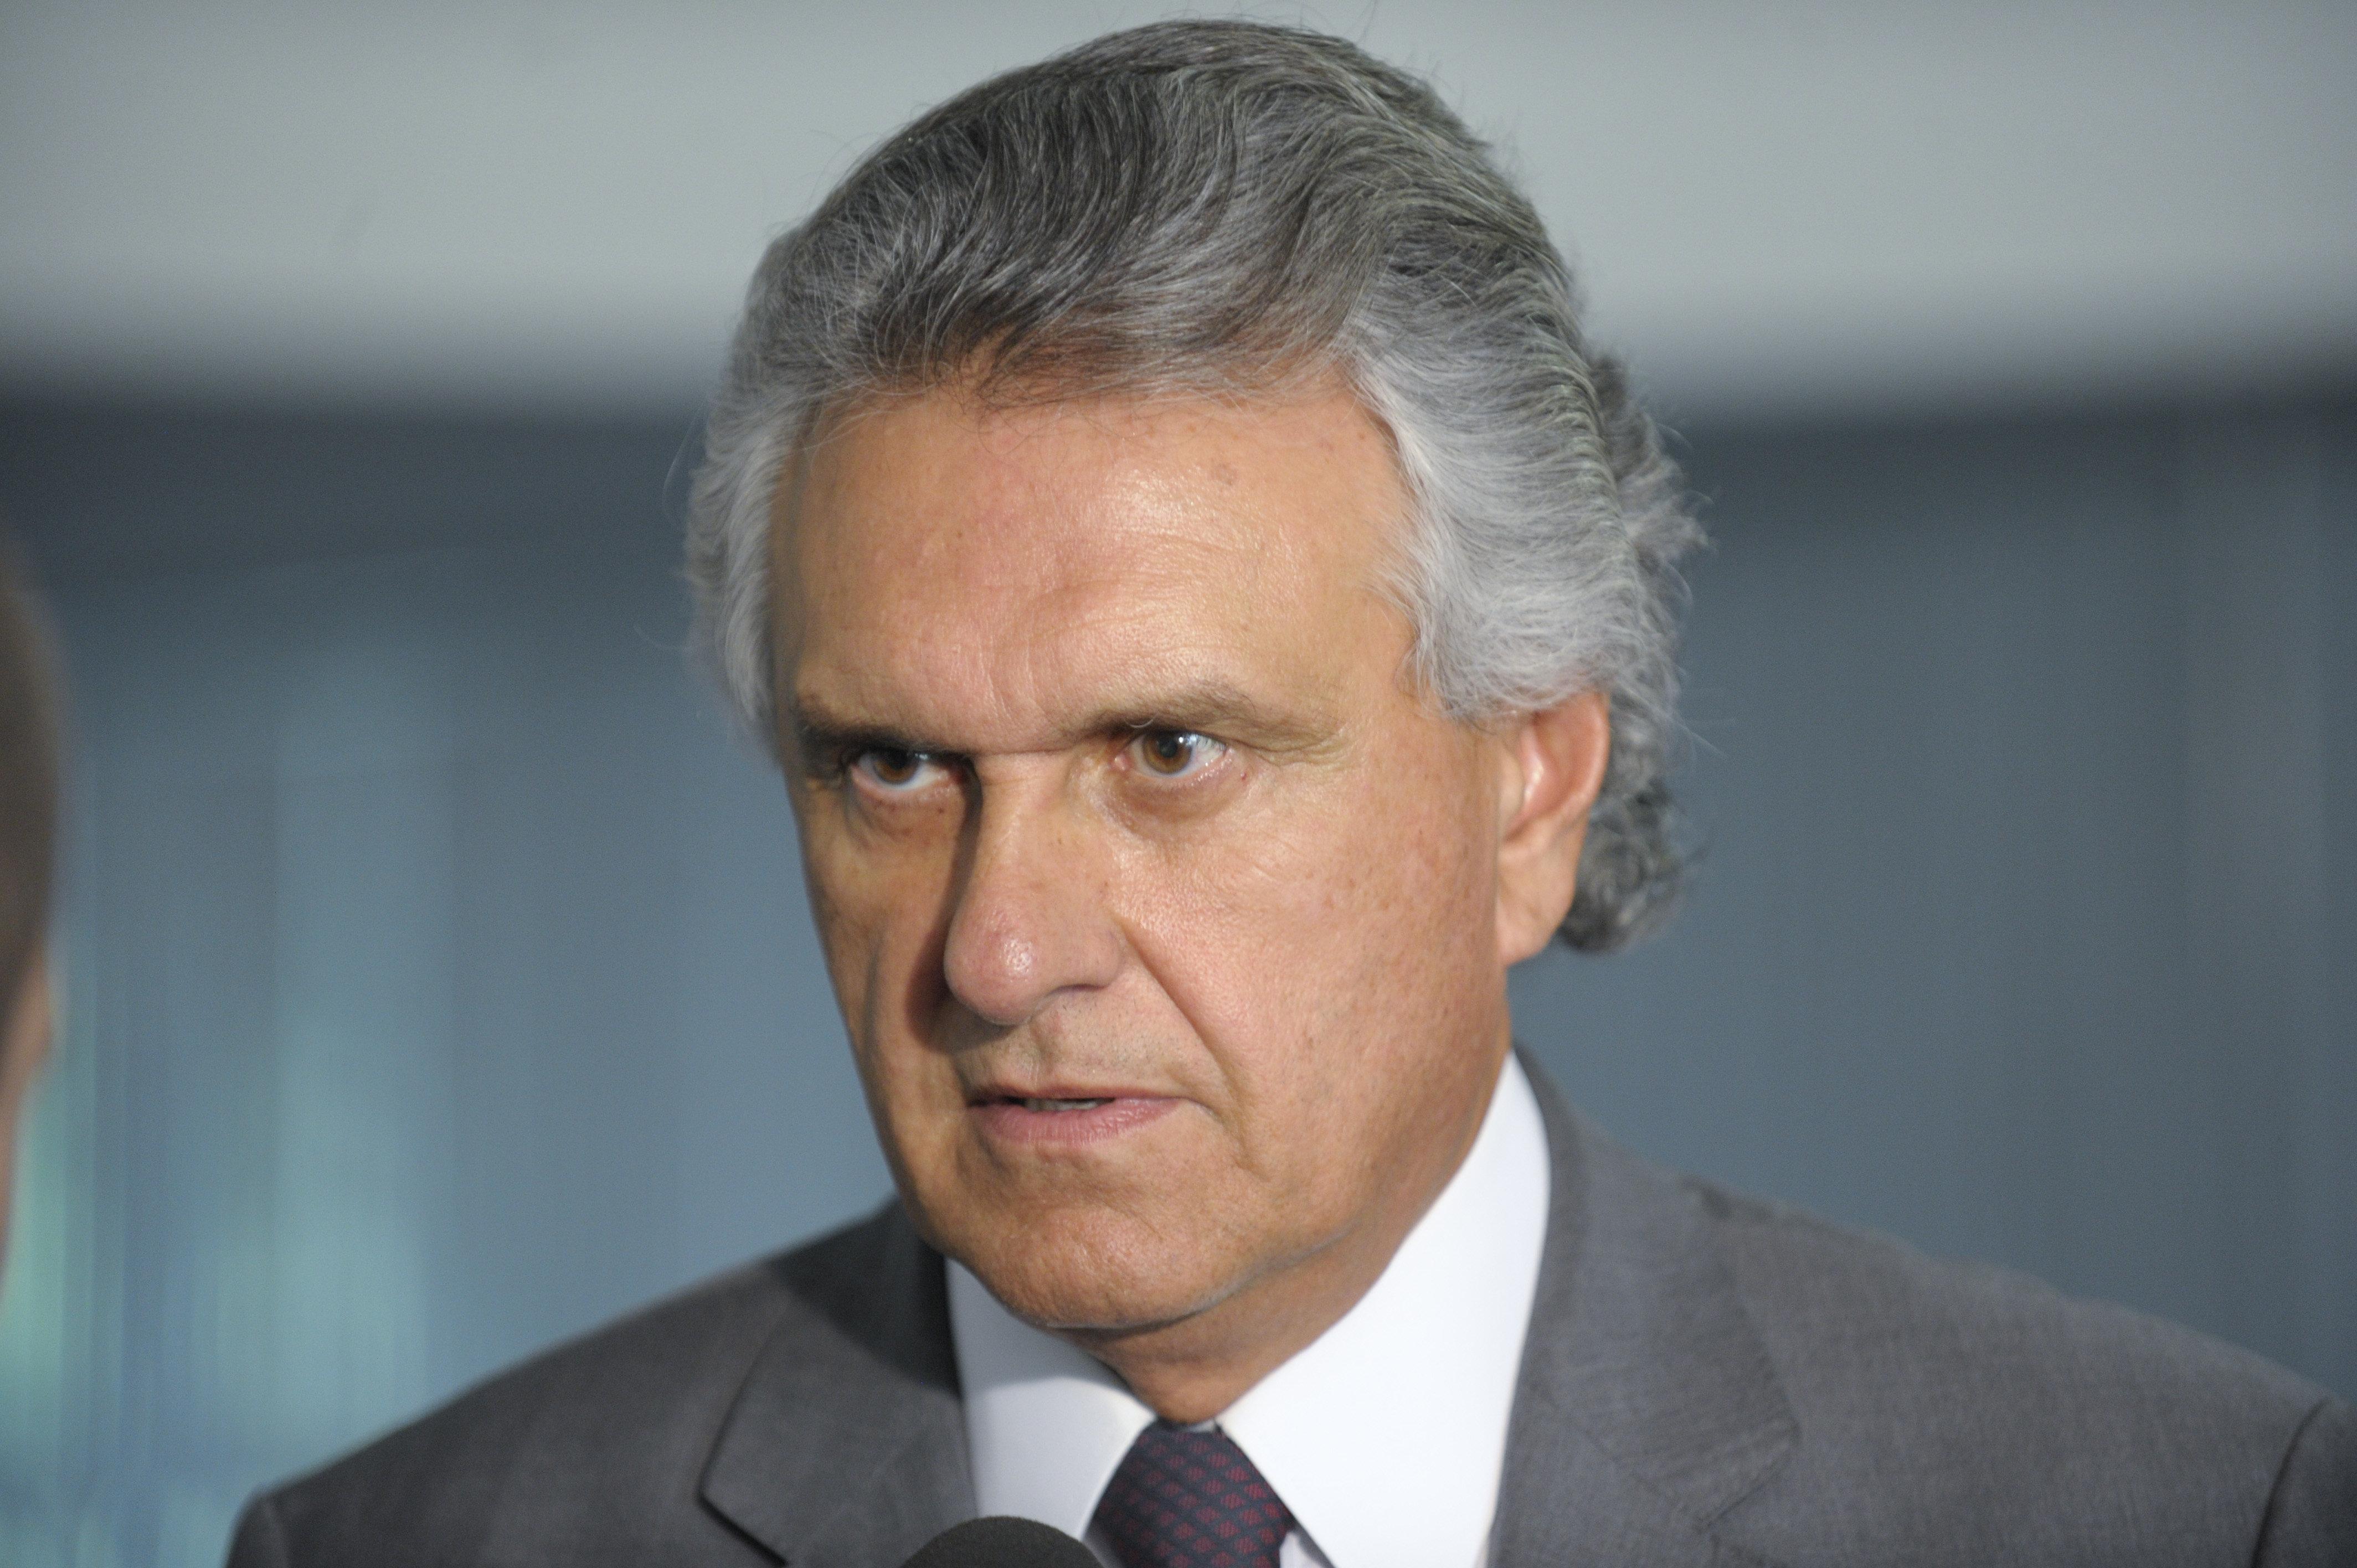 Senador Ronaldo Caiado (DEM-GO) | Foto: Jefferson Rudy/ Agência Senado